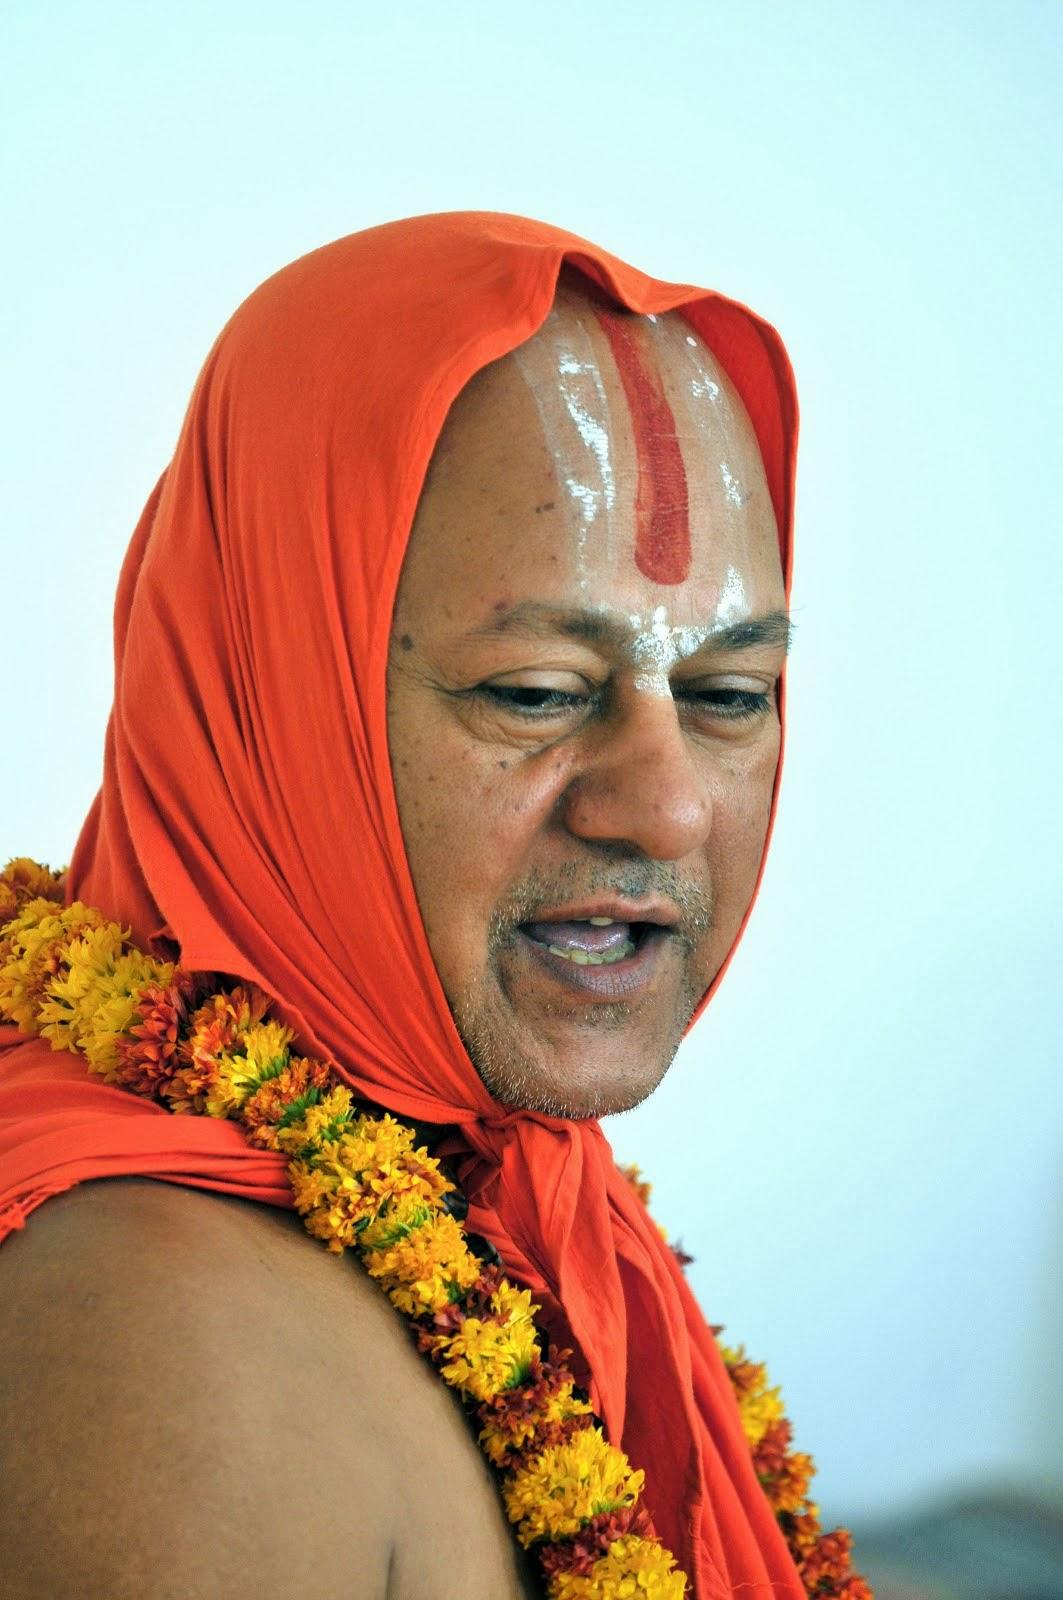 जीवन मानवता के लिए वरदान होना चाहिए। धर्म के माध्यम से ज्ञान, शक्ति भी चाहिए